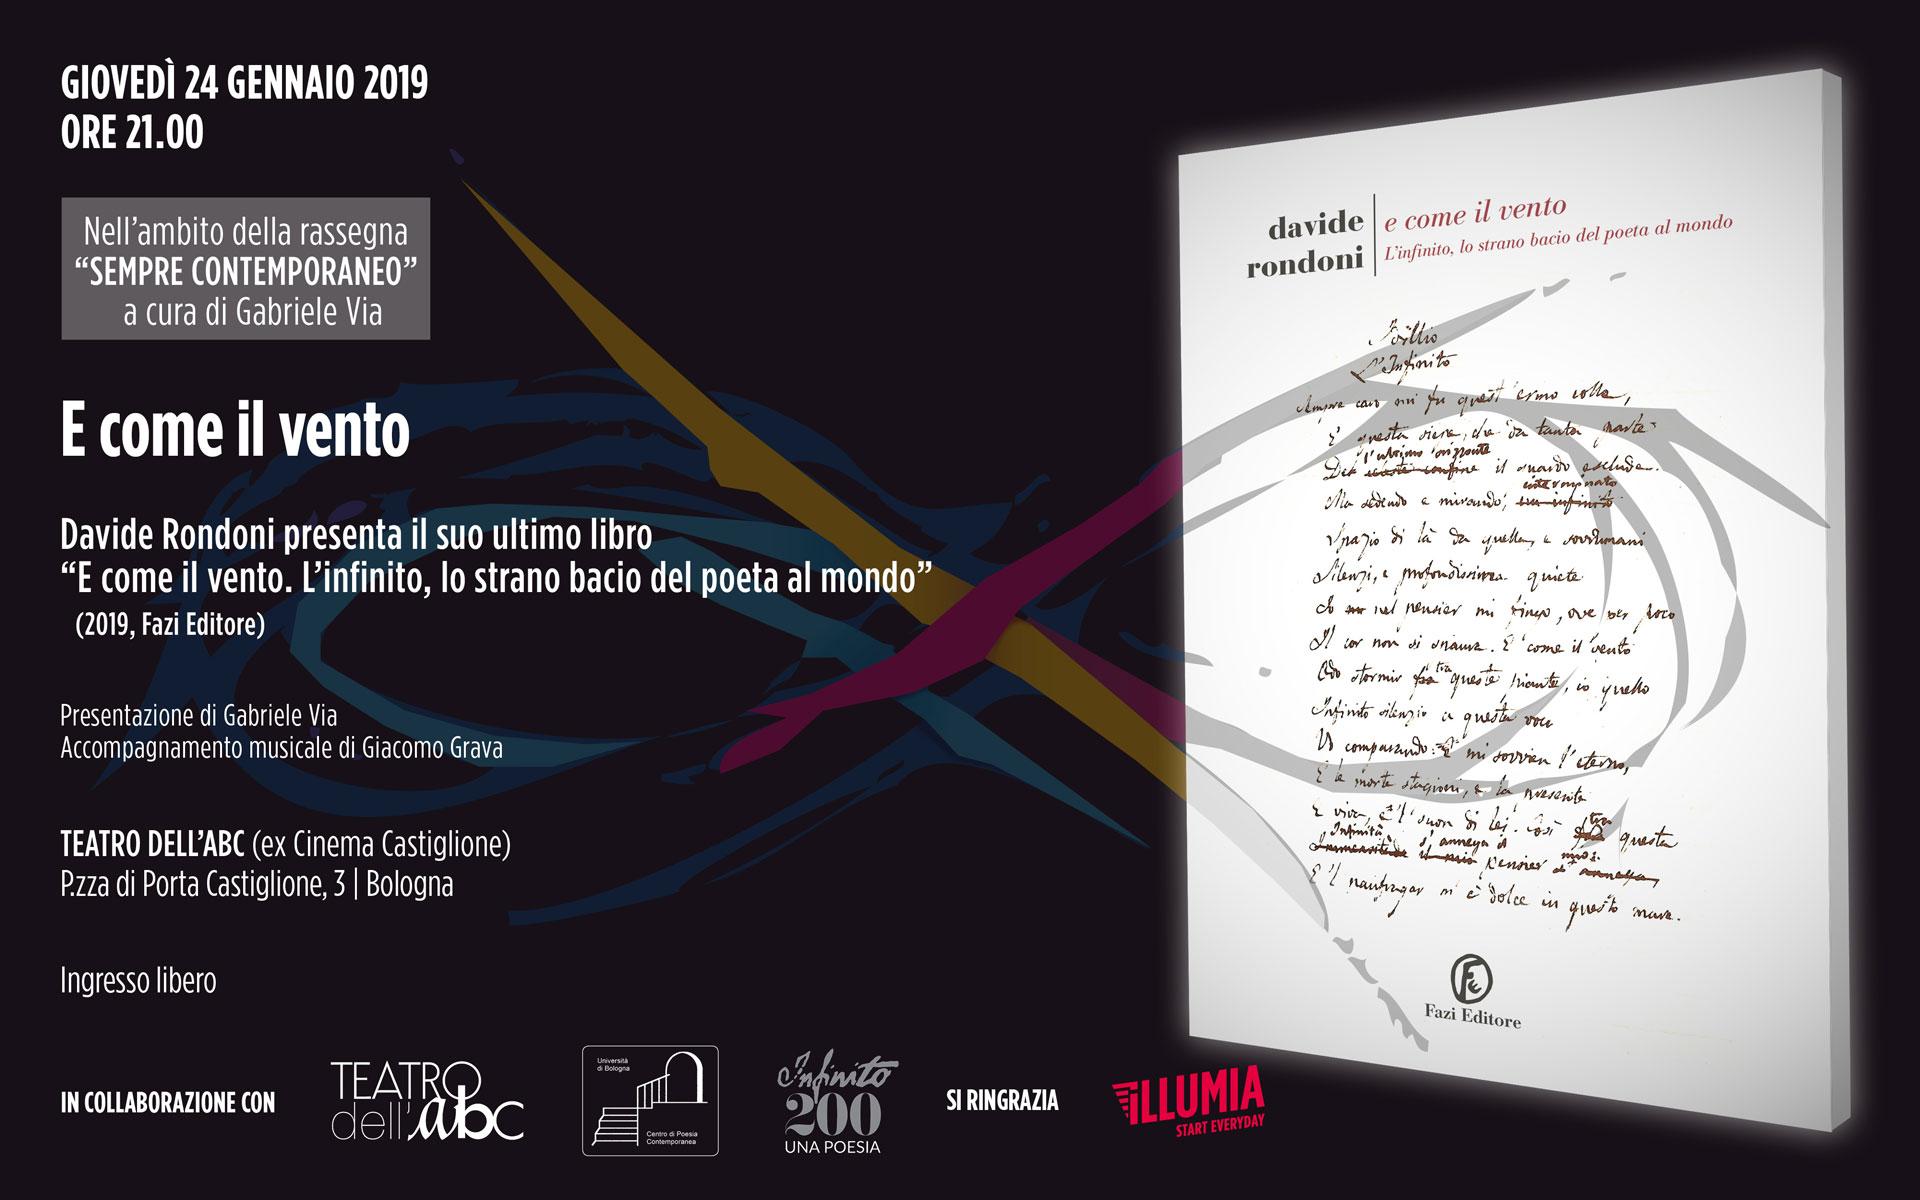 Evento 24 gennaio 2019 E come il vento - Davide Rondoni